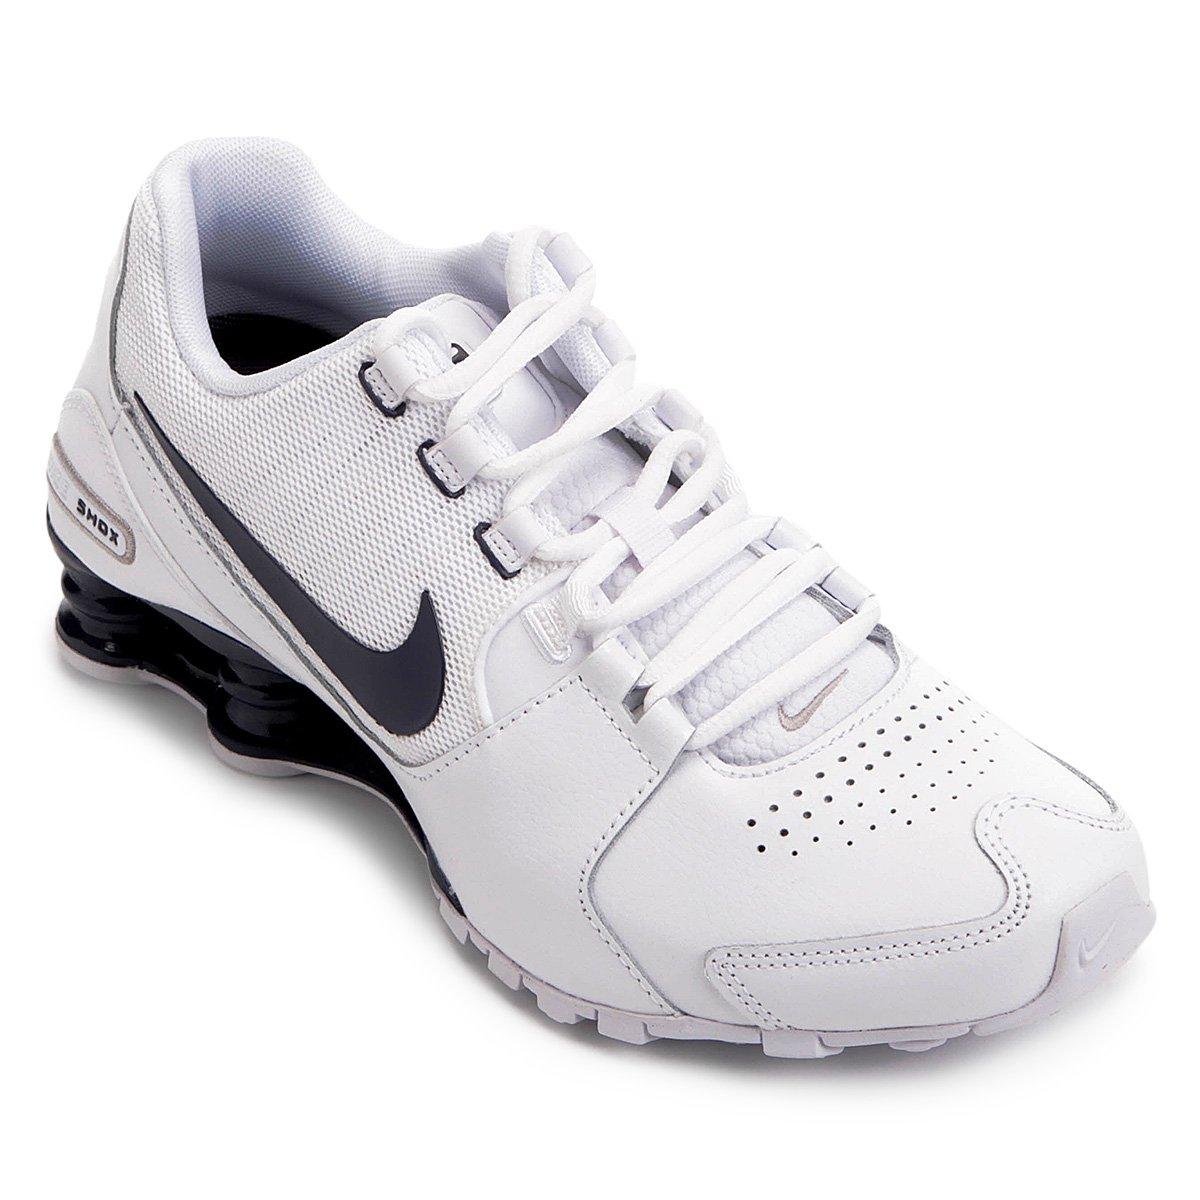 6e527ae0f6 Tênis Couro Nike Shox Avenue LTR Masculino - Branco e Azul - Compre ...